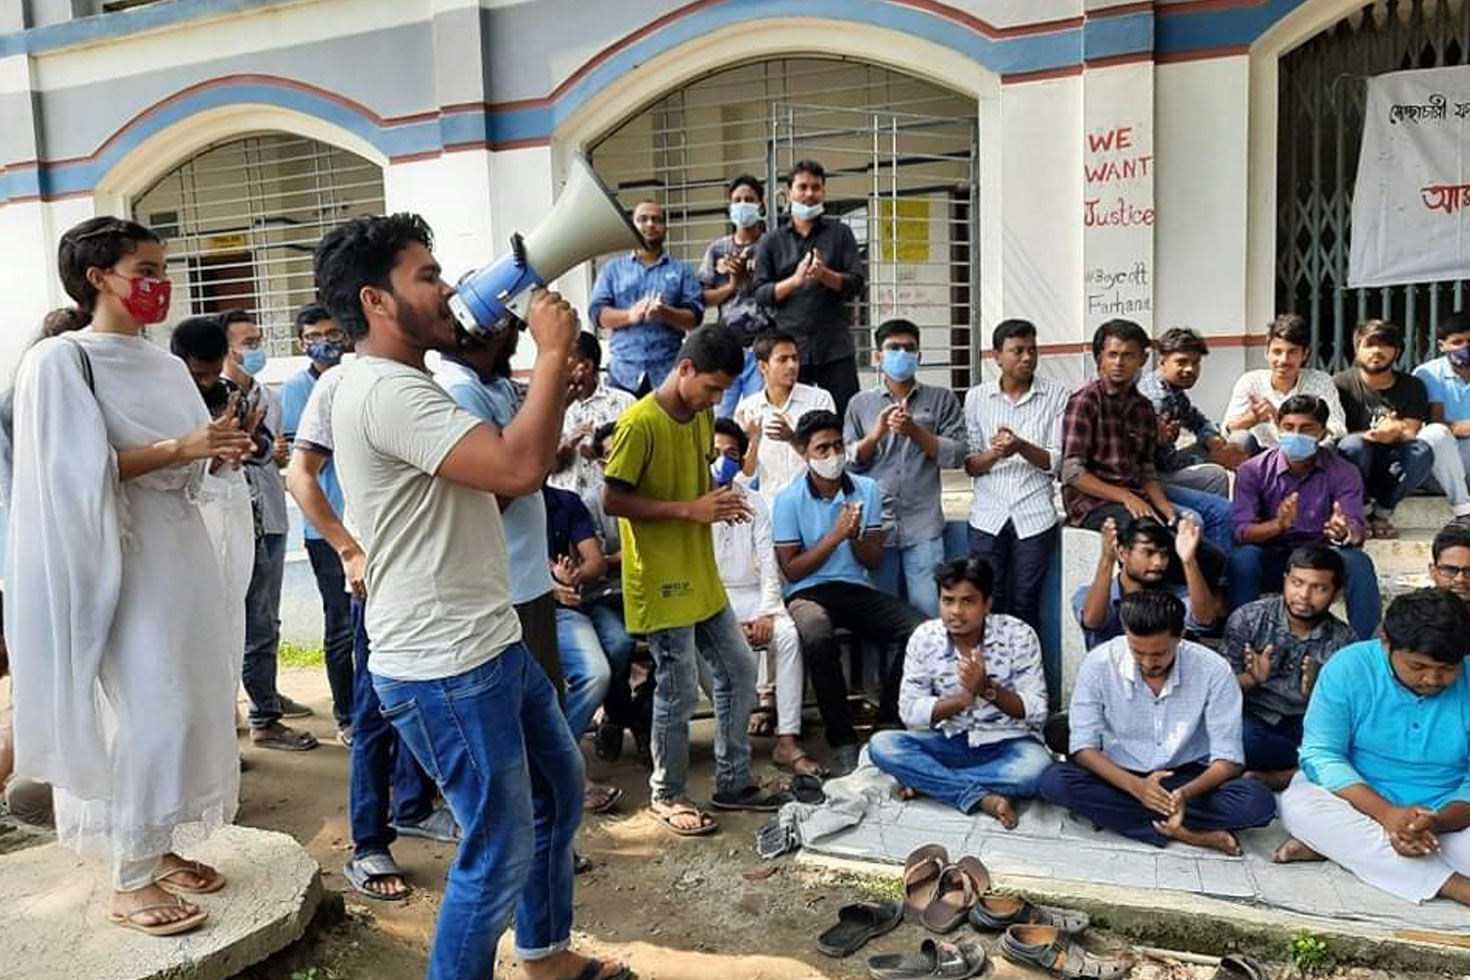 চুল কর্তন: মহাসড়ক অবরোধ করে আন্দোলনের চেষ্টা